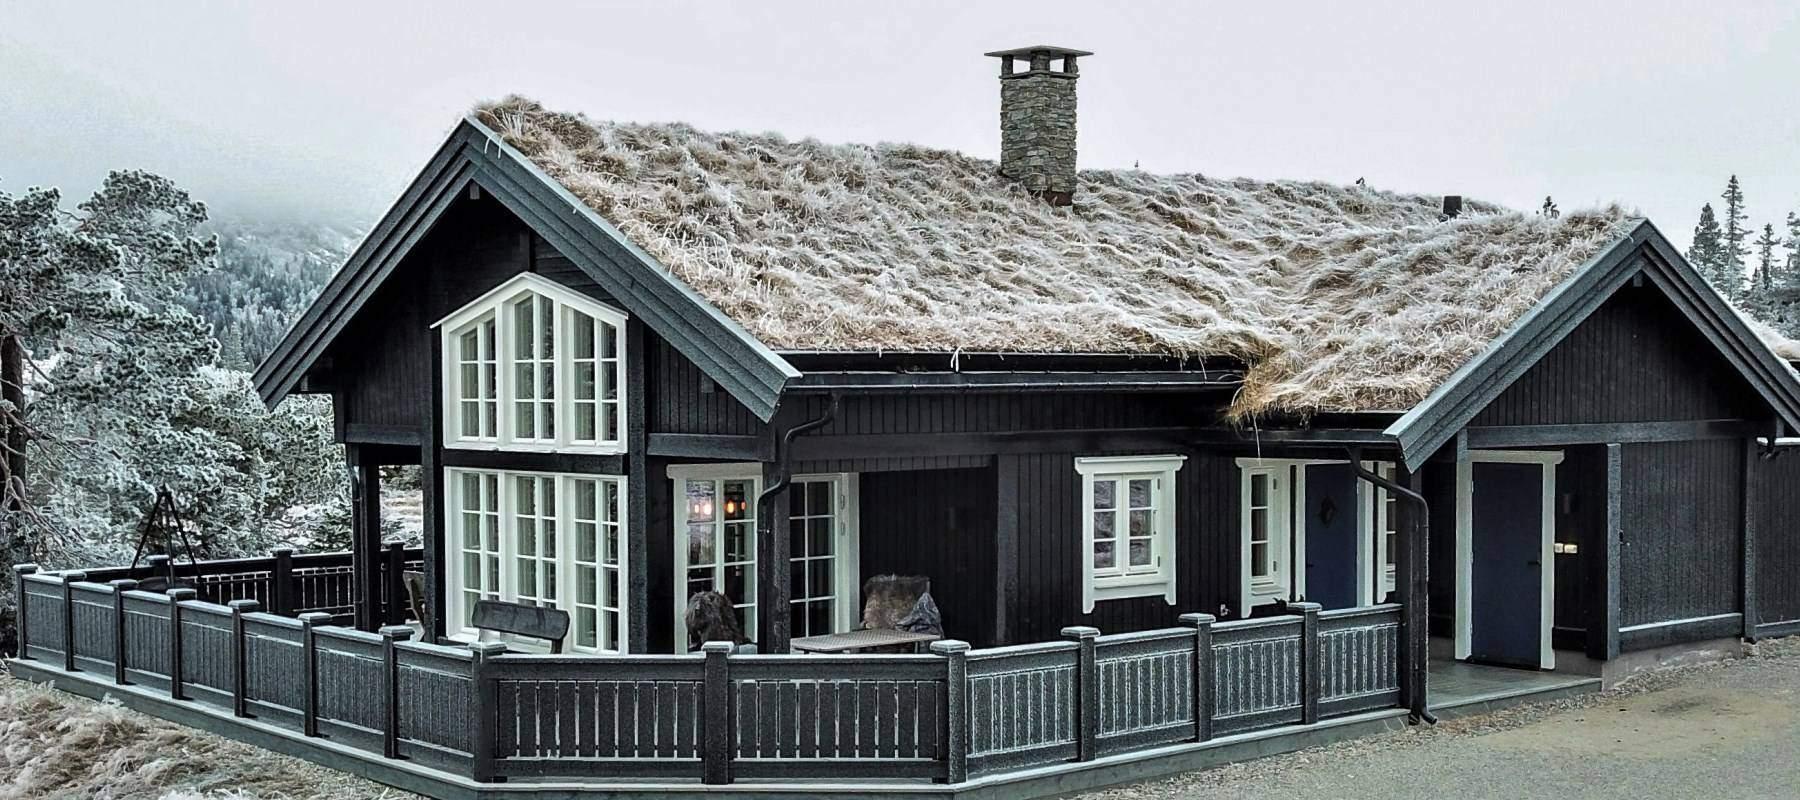 2700 Hytte hytteleverandør Hægevarde Hytte Stryn 92